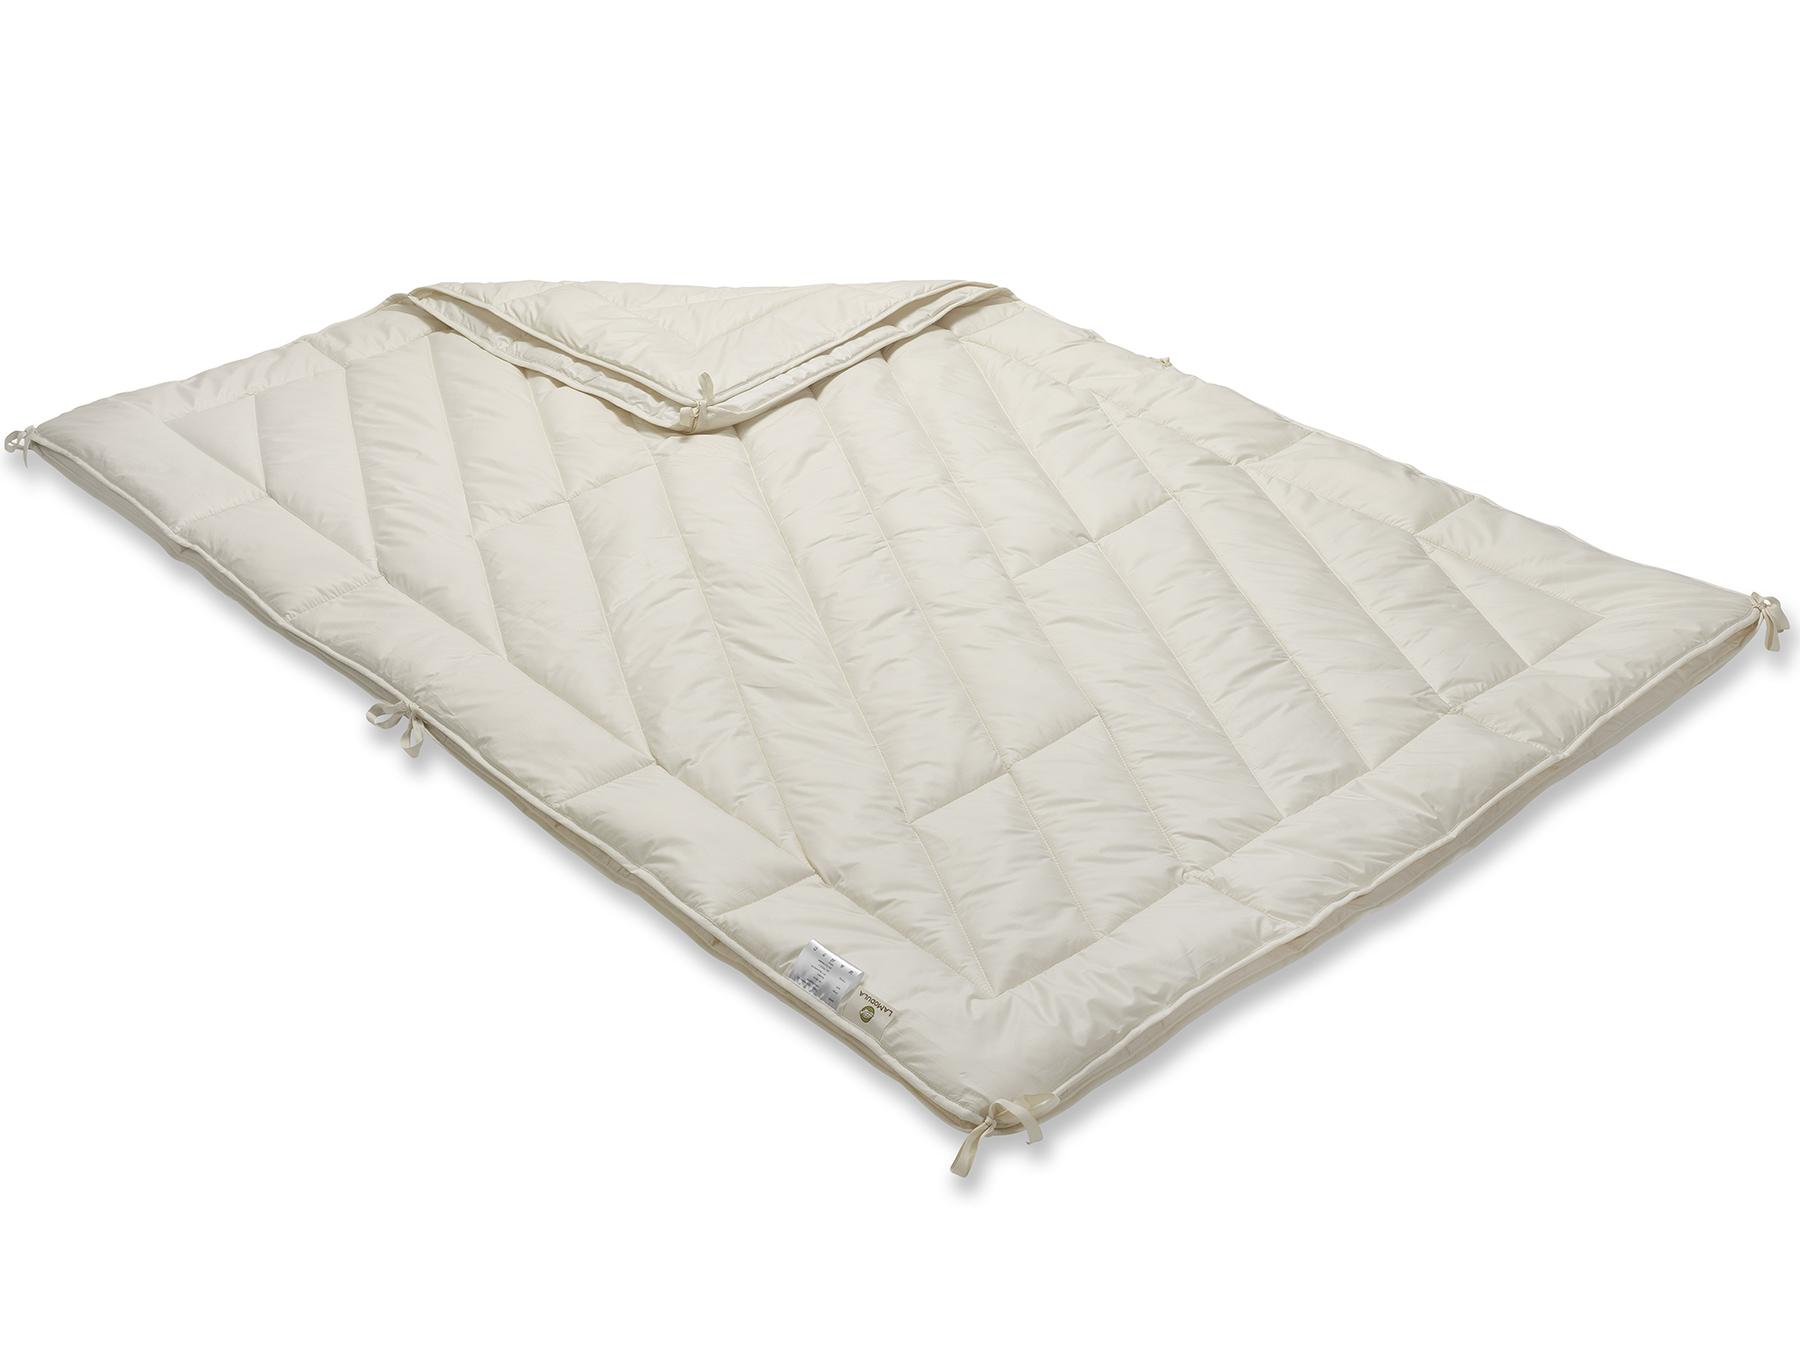 Mit praktischen Bändern an den Rändern werden die beiden Decken zusammengeknüpft.